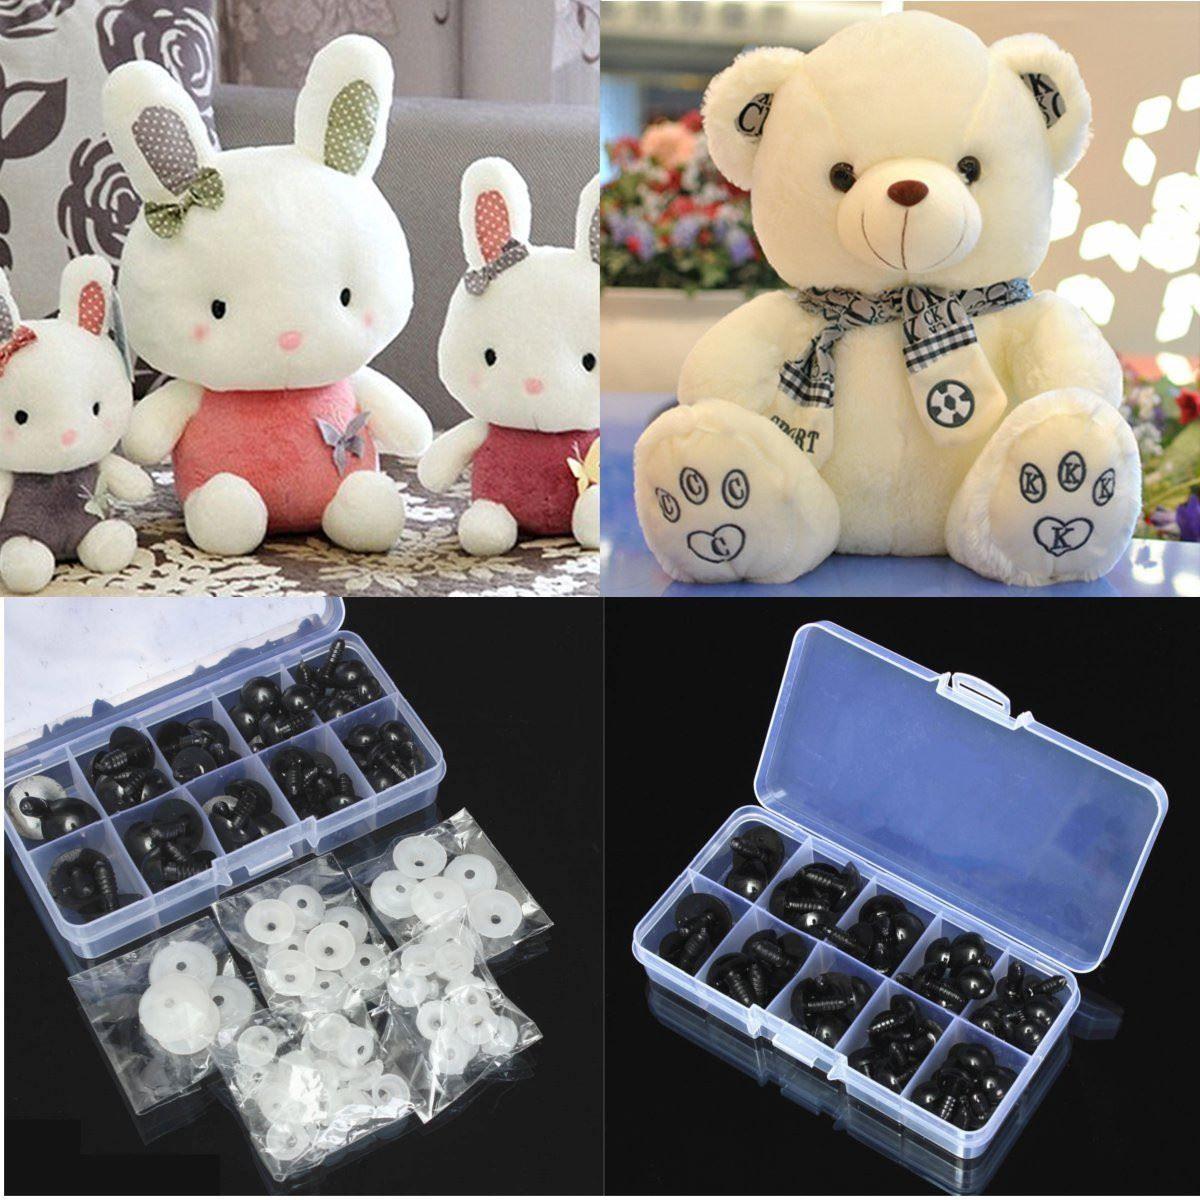 6-20mm Black Plastic Safety Eyes For Teddy Bear Dolls Toy Animal Crafts DIY